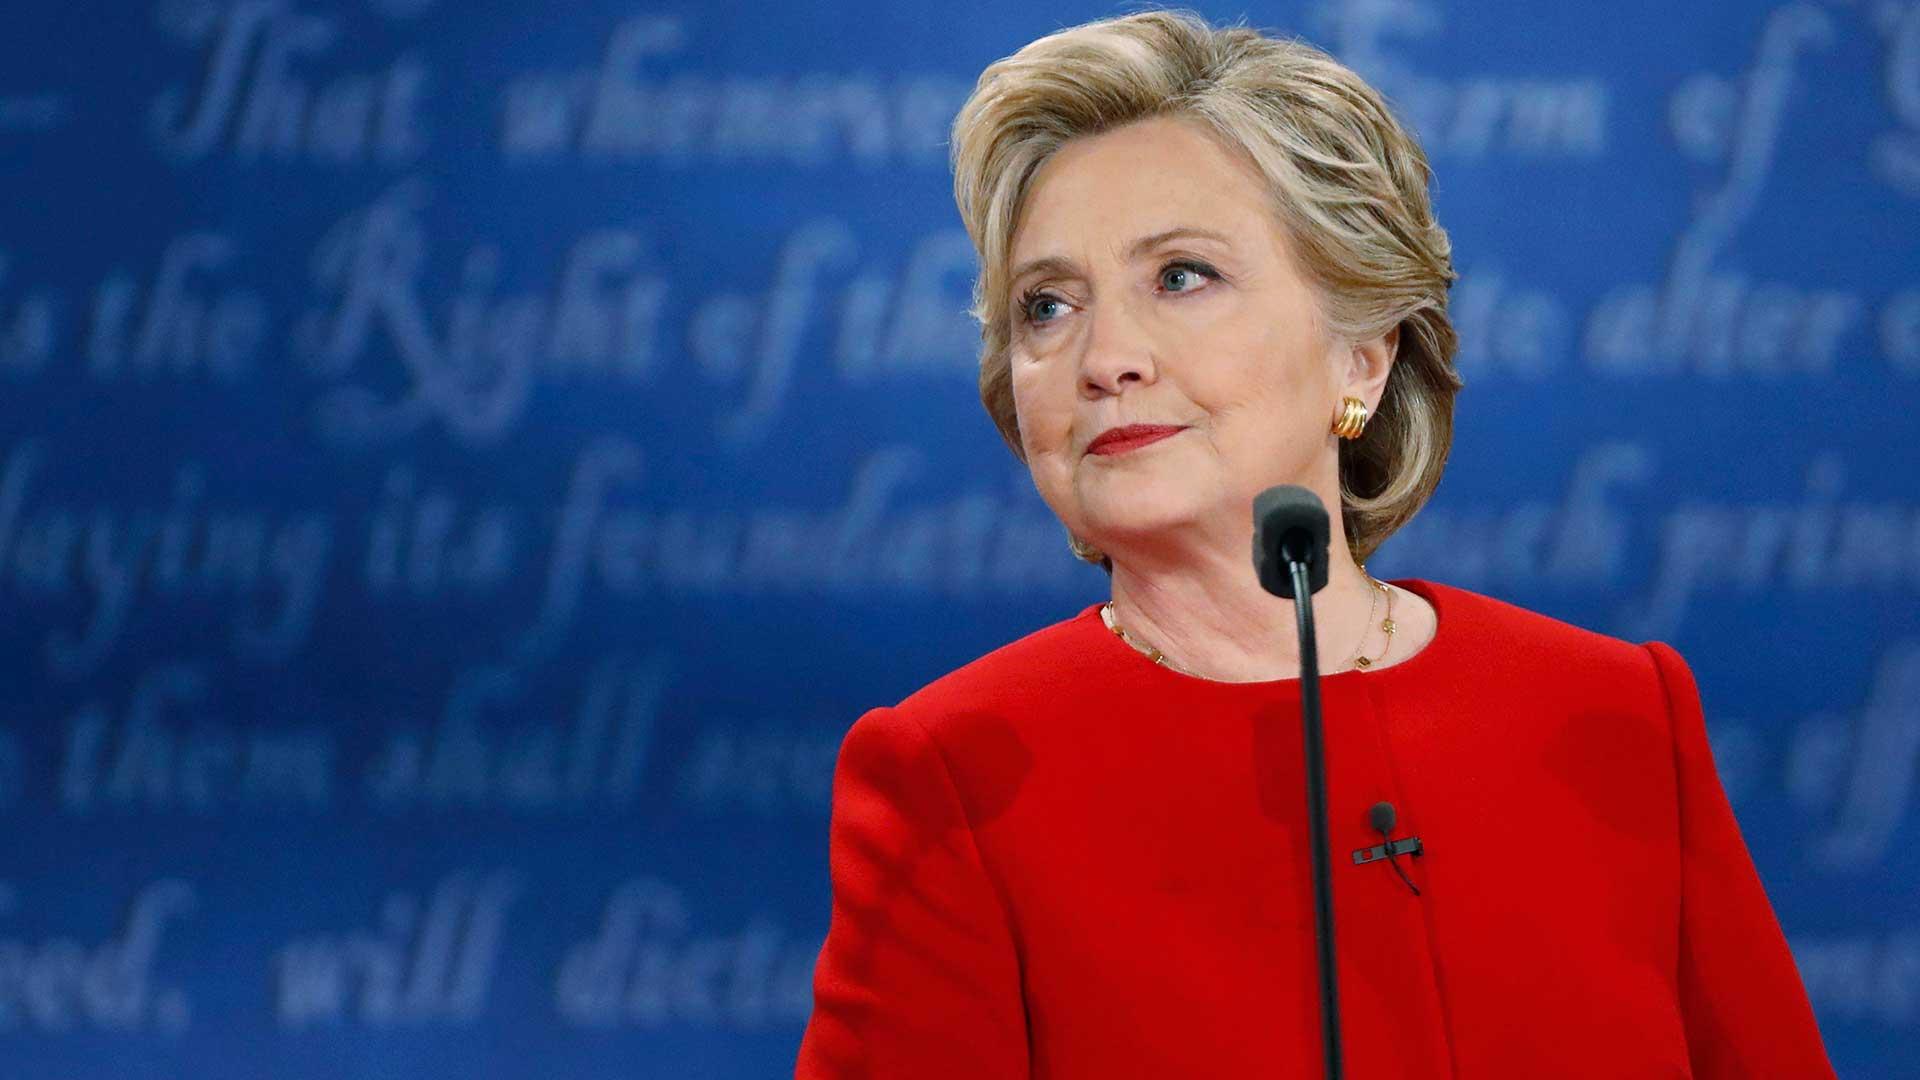 (Reuters) Hillary Clinton fue la primera en contestar una pregunta del moderador Lester Holt, sobre su plan para crear mejores puestos de trabajo para los trabajadores estadounidenses